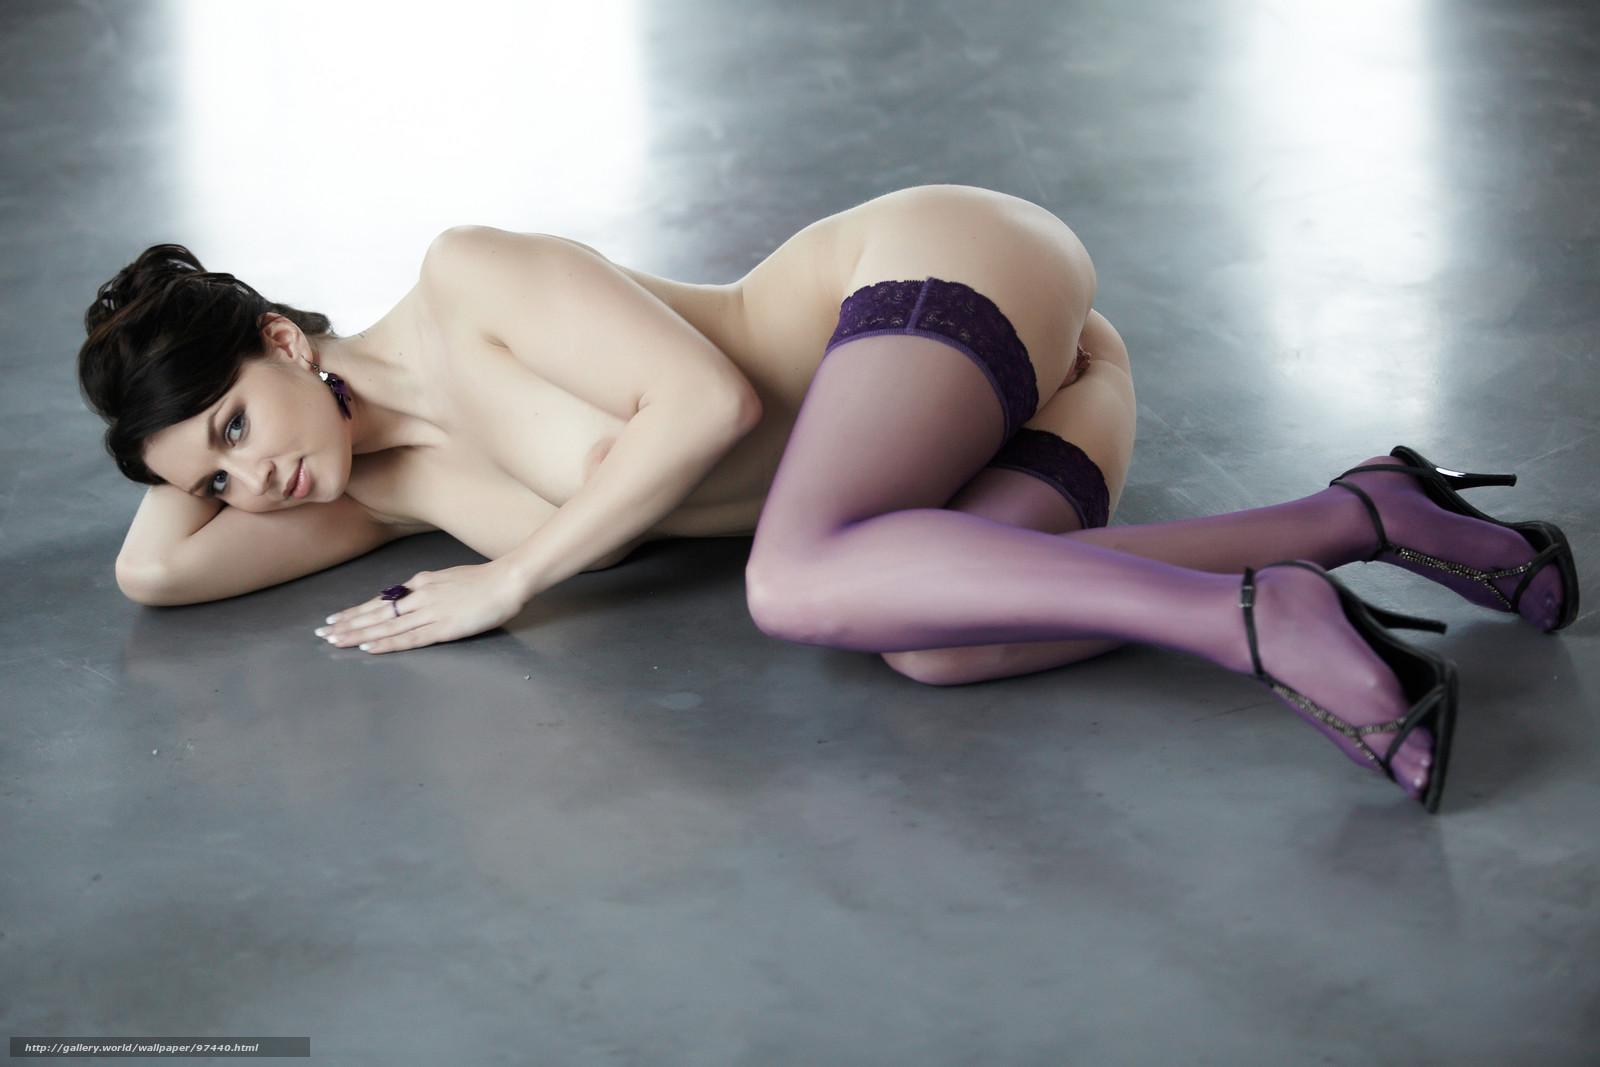 Смотреть как нюхают ноги девушке 14 фотография